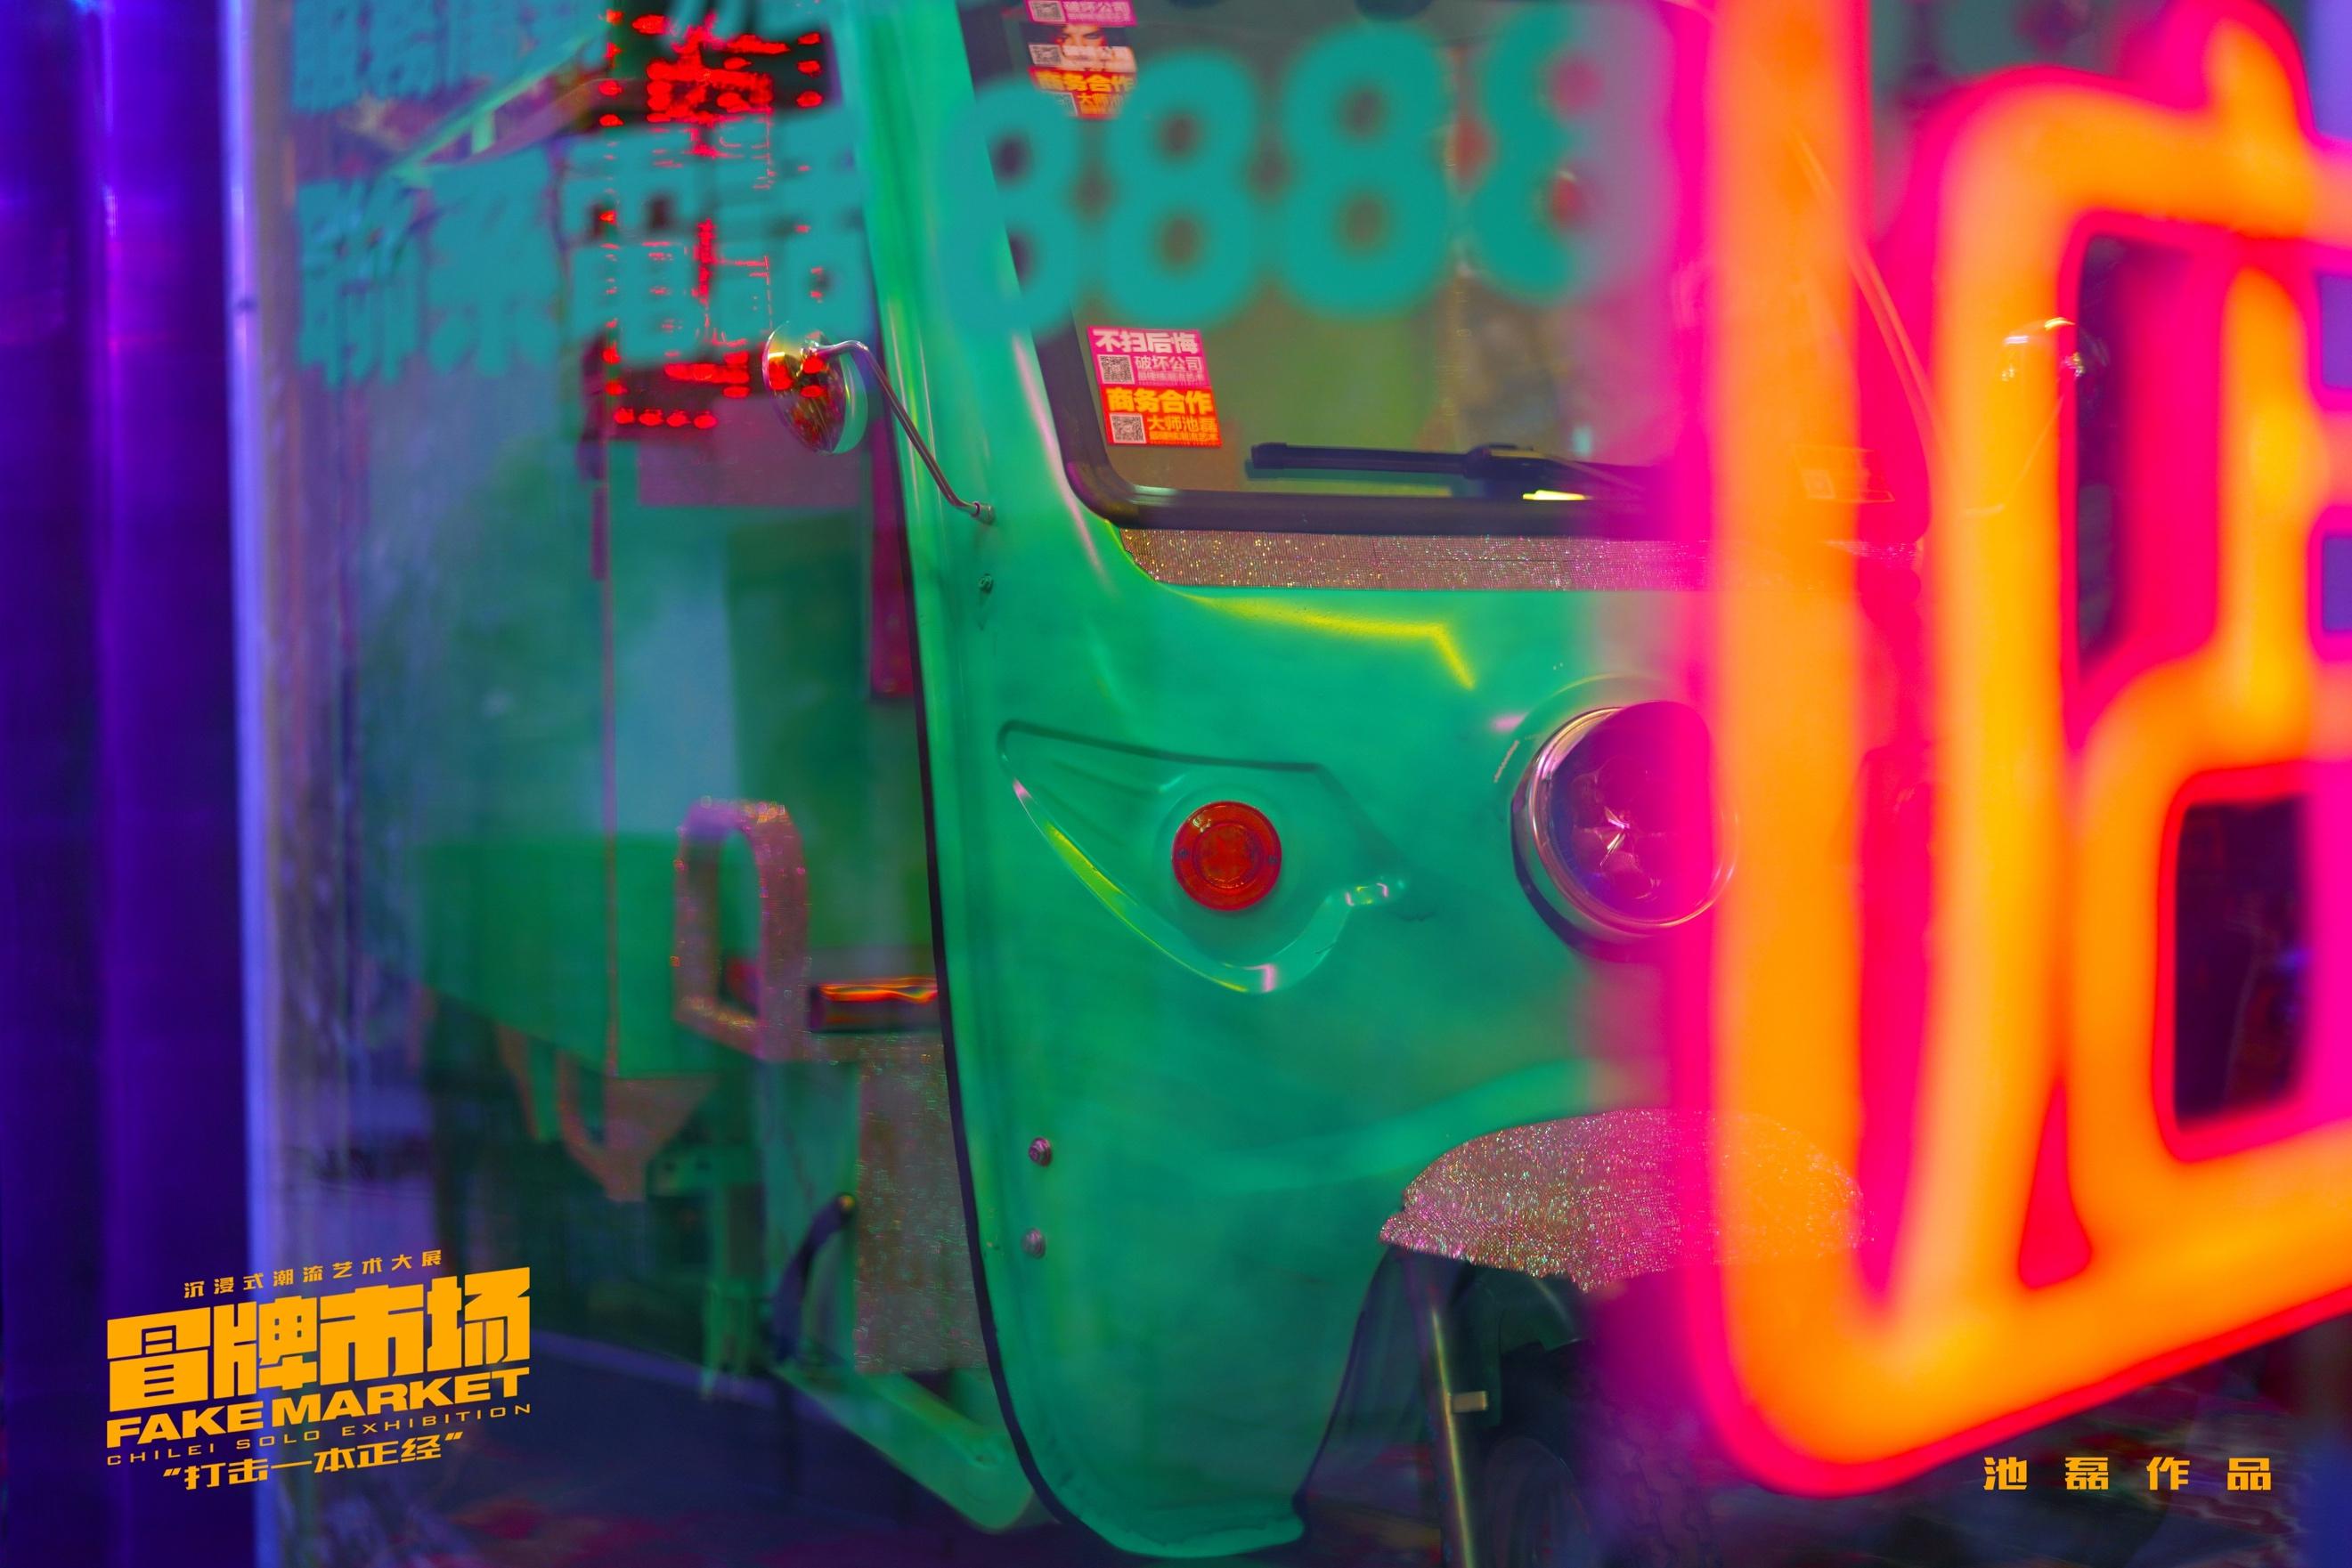 30+展商揭开神秘面纱  素朴三思视觉艺术博览会参展名单大公开!